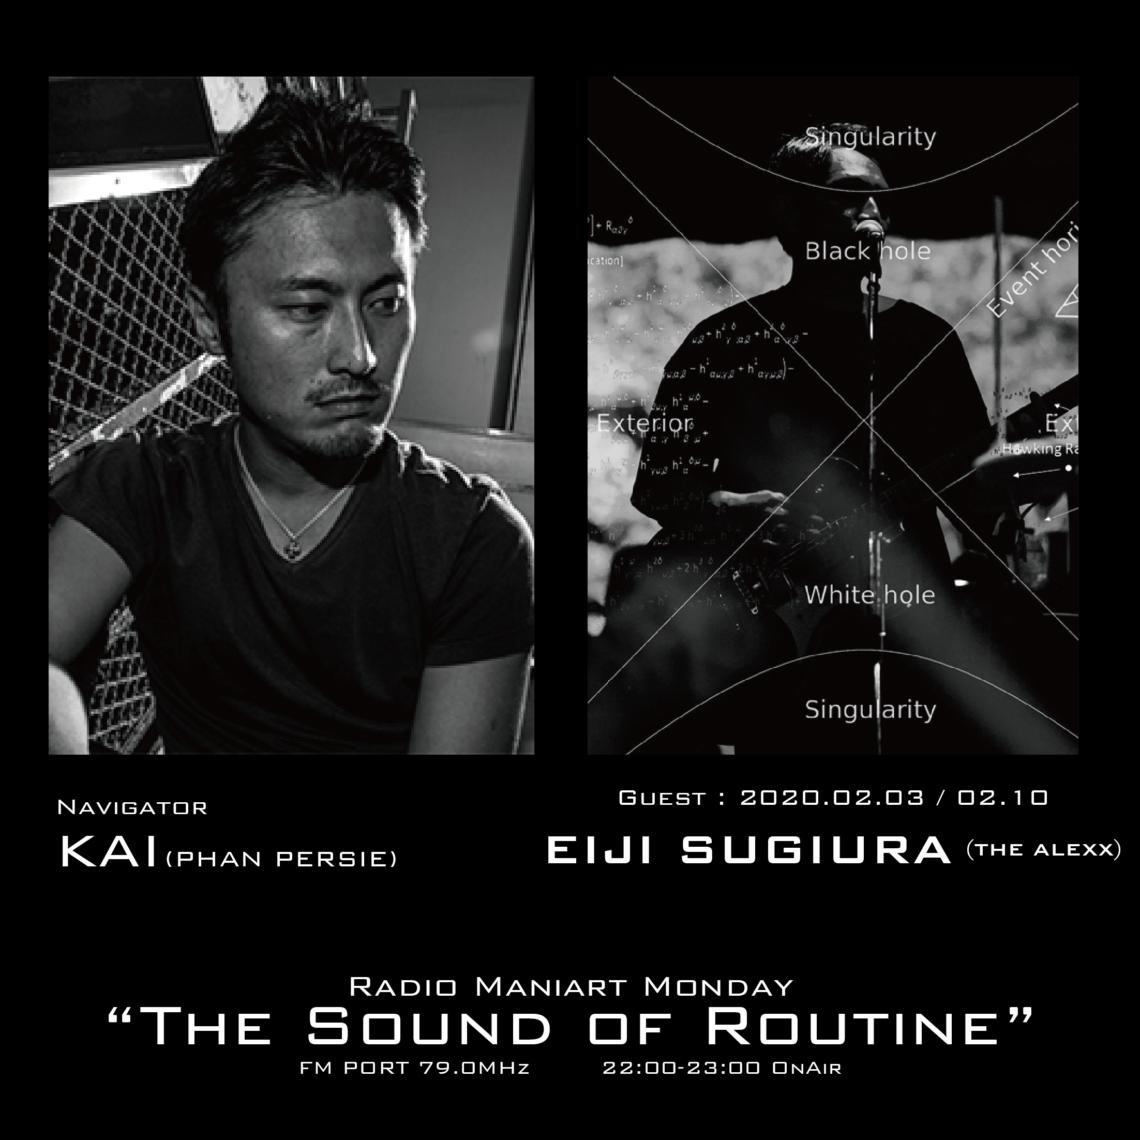 2020. 2. 3 MON, 2. 10 MON – KAI : Navigator on FM PORT / the Sound of Routine – Guest : EIJI SUGIURA(THE ALEXX)